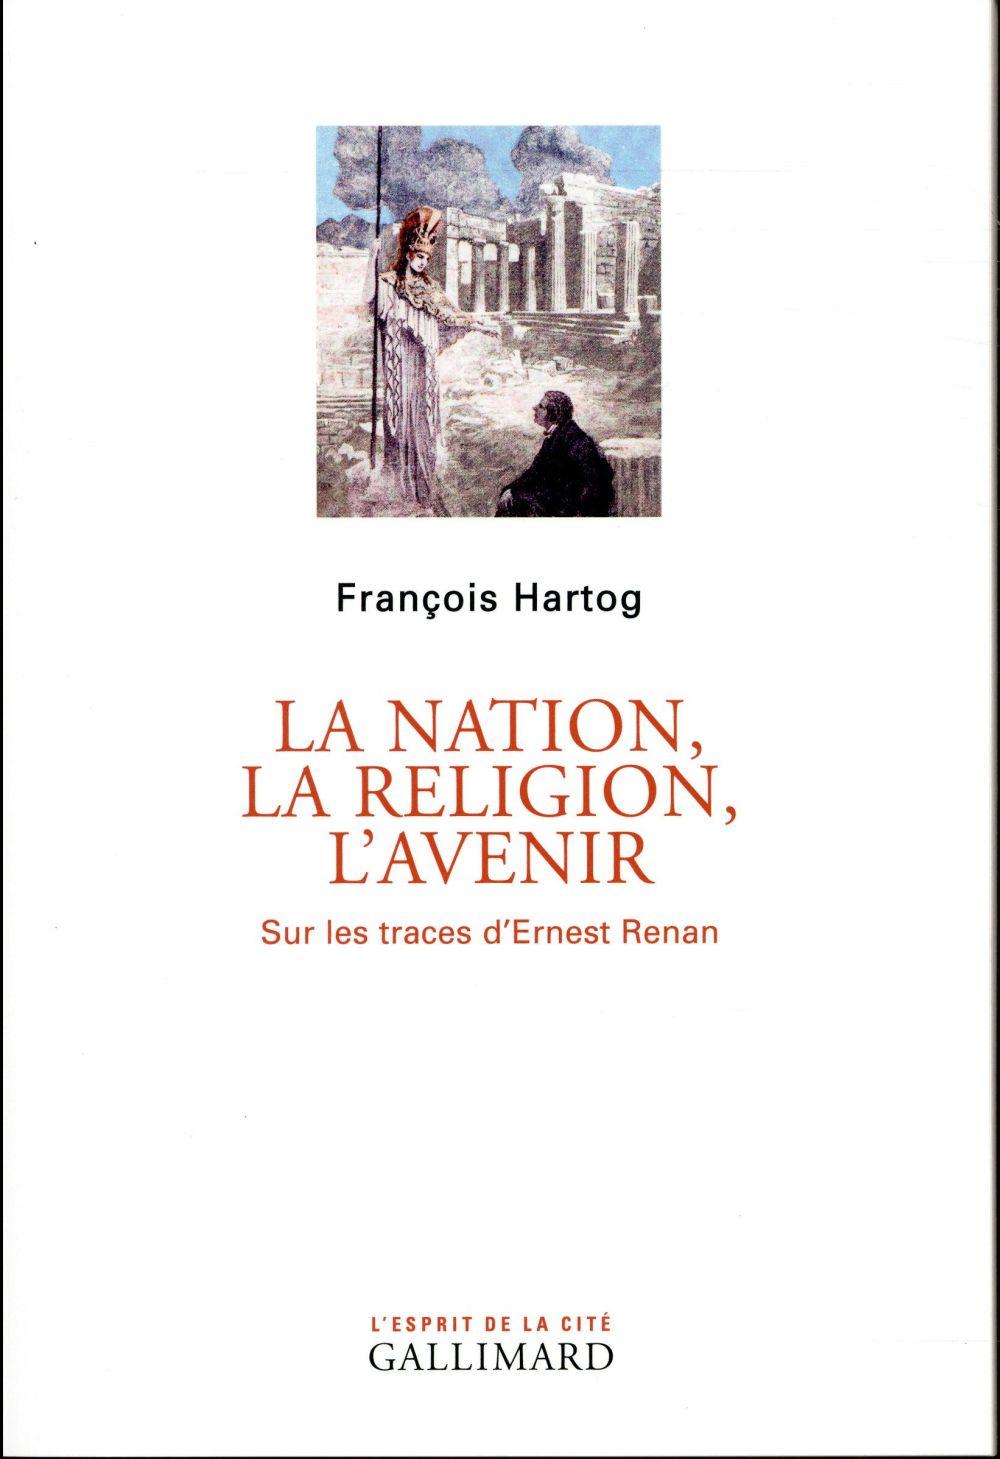 LA NATION, LA RELIGION, L'AVENIR, SUR LES TRACES D'ERNEST RENAN